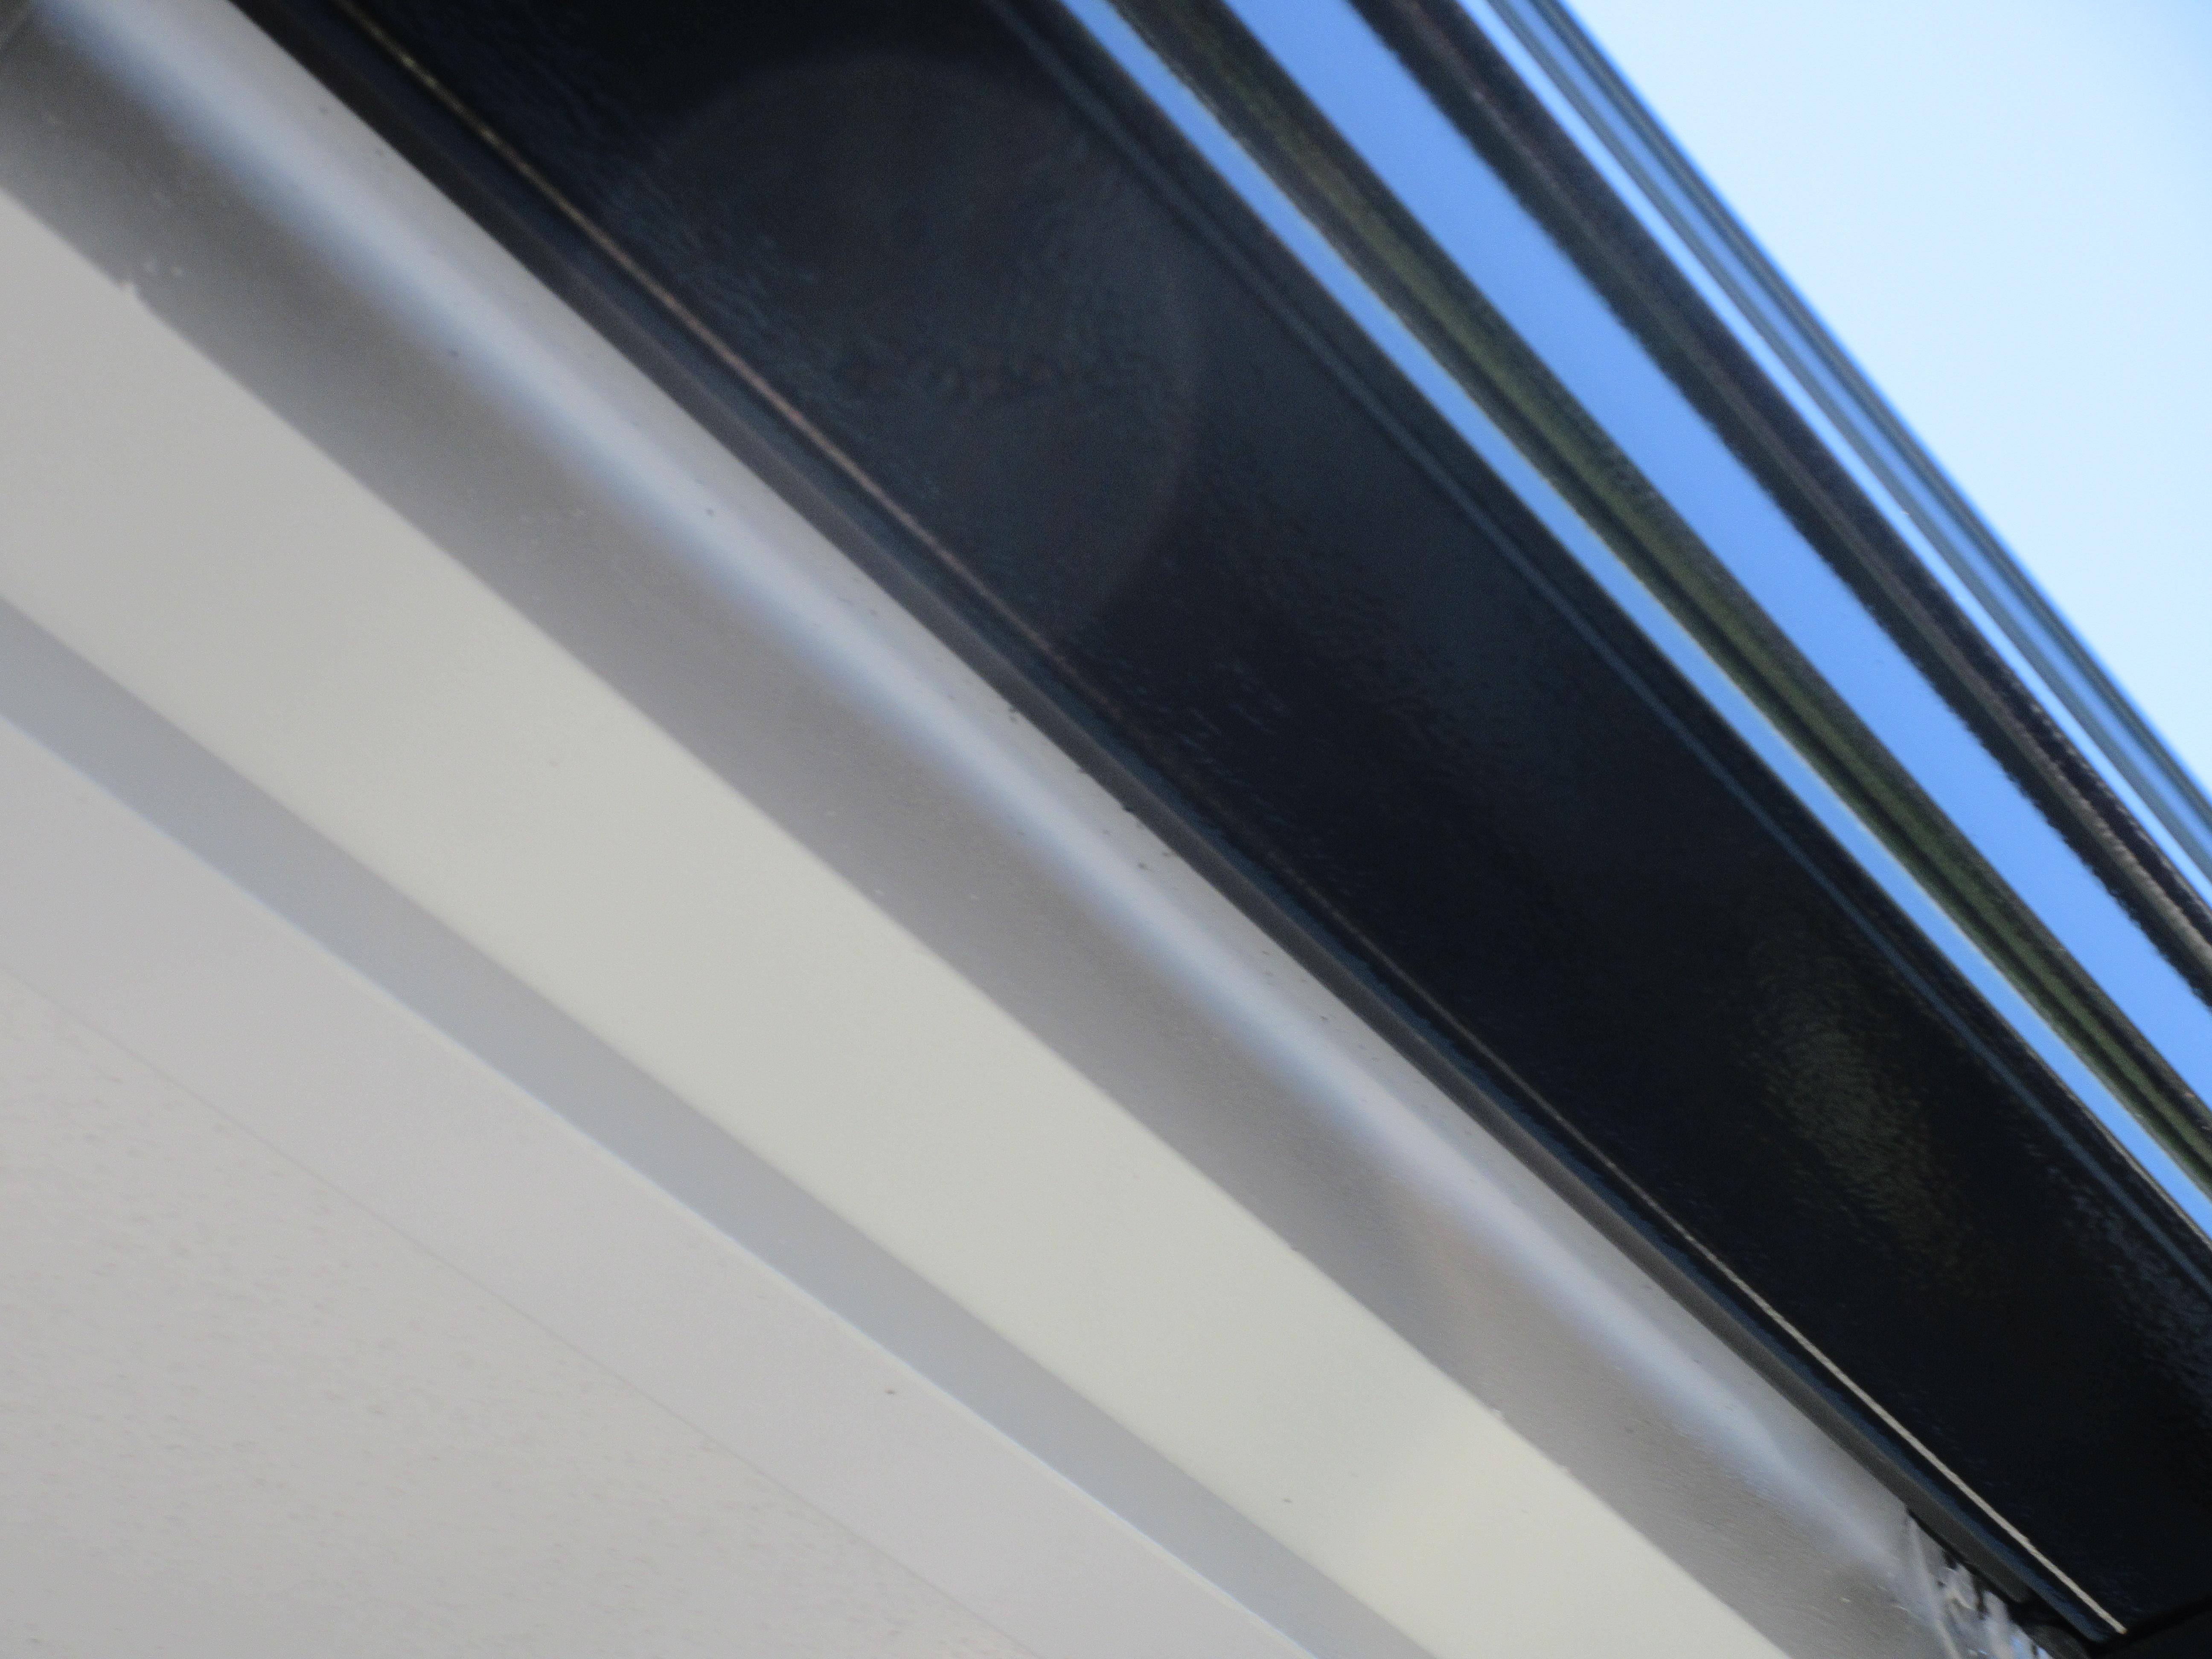 【和歌山市】T様邸<br>『ライトグレーの外壁と黒の屋根でエレガントな仕上がりに♪』14